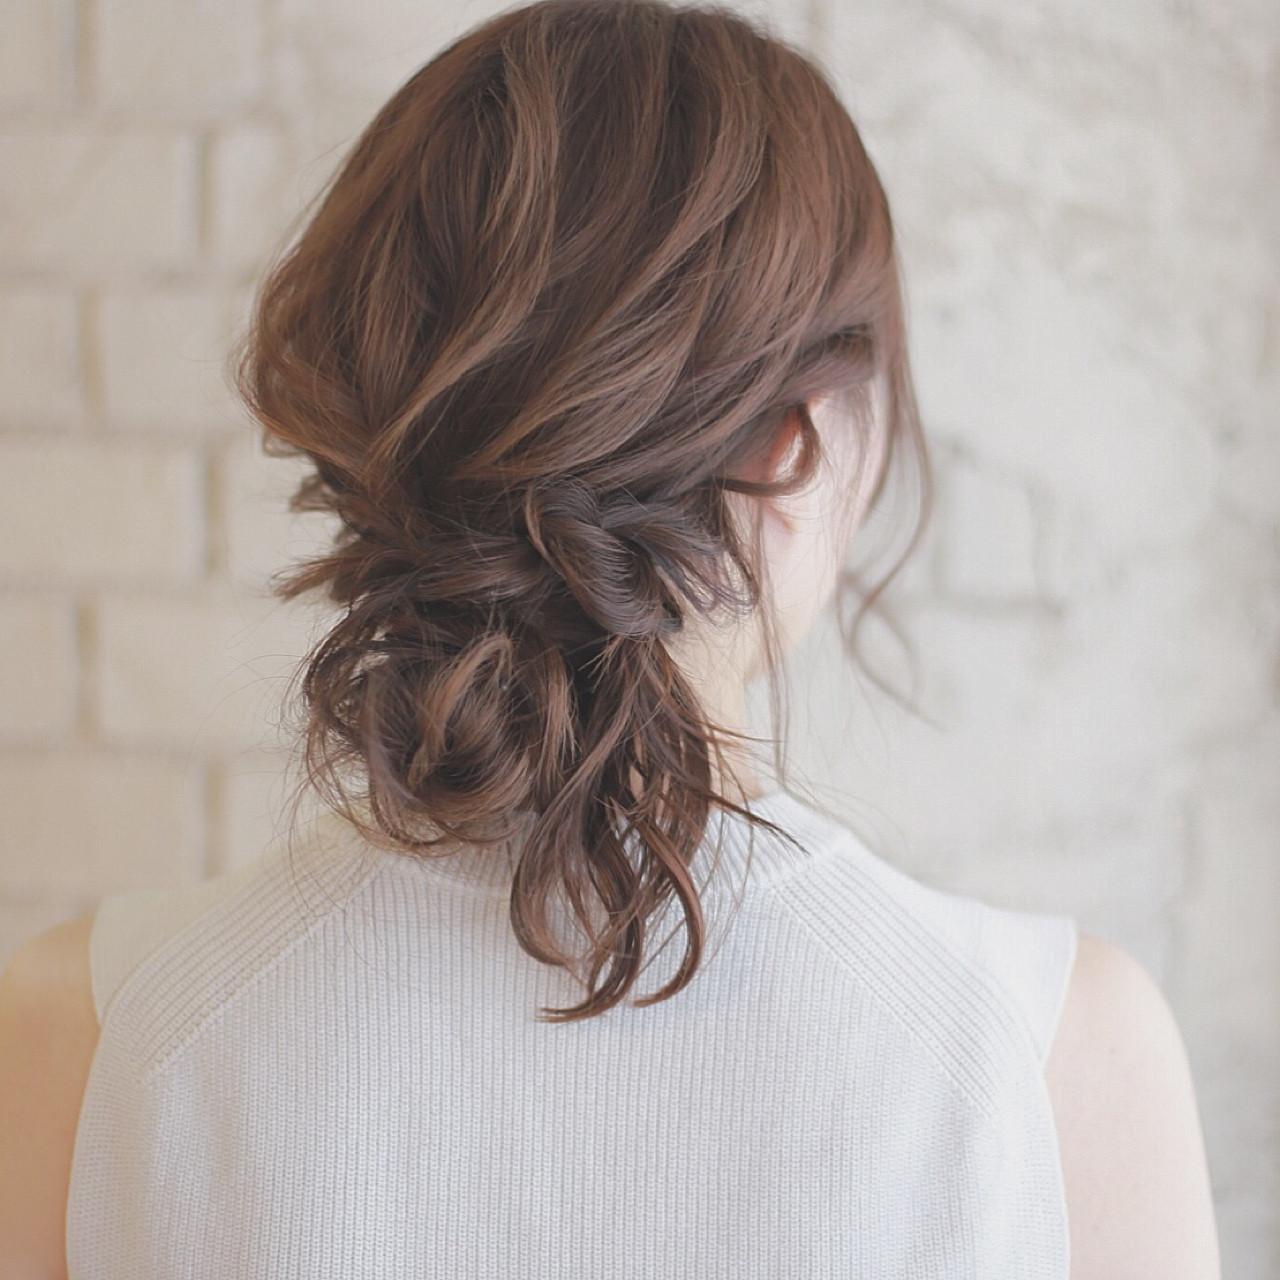 パーティ 簡単ヘアアレンジ ショート 結婚式 ヘアスタイルや髪型の写真・画像